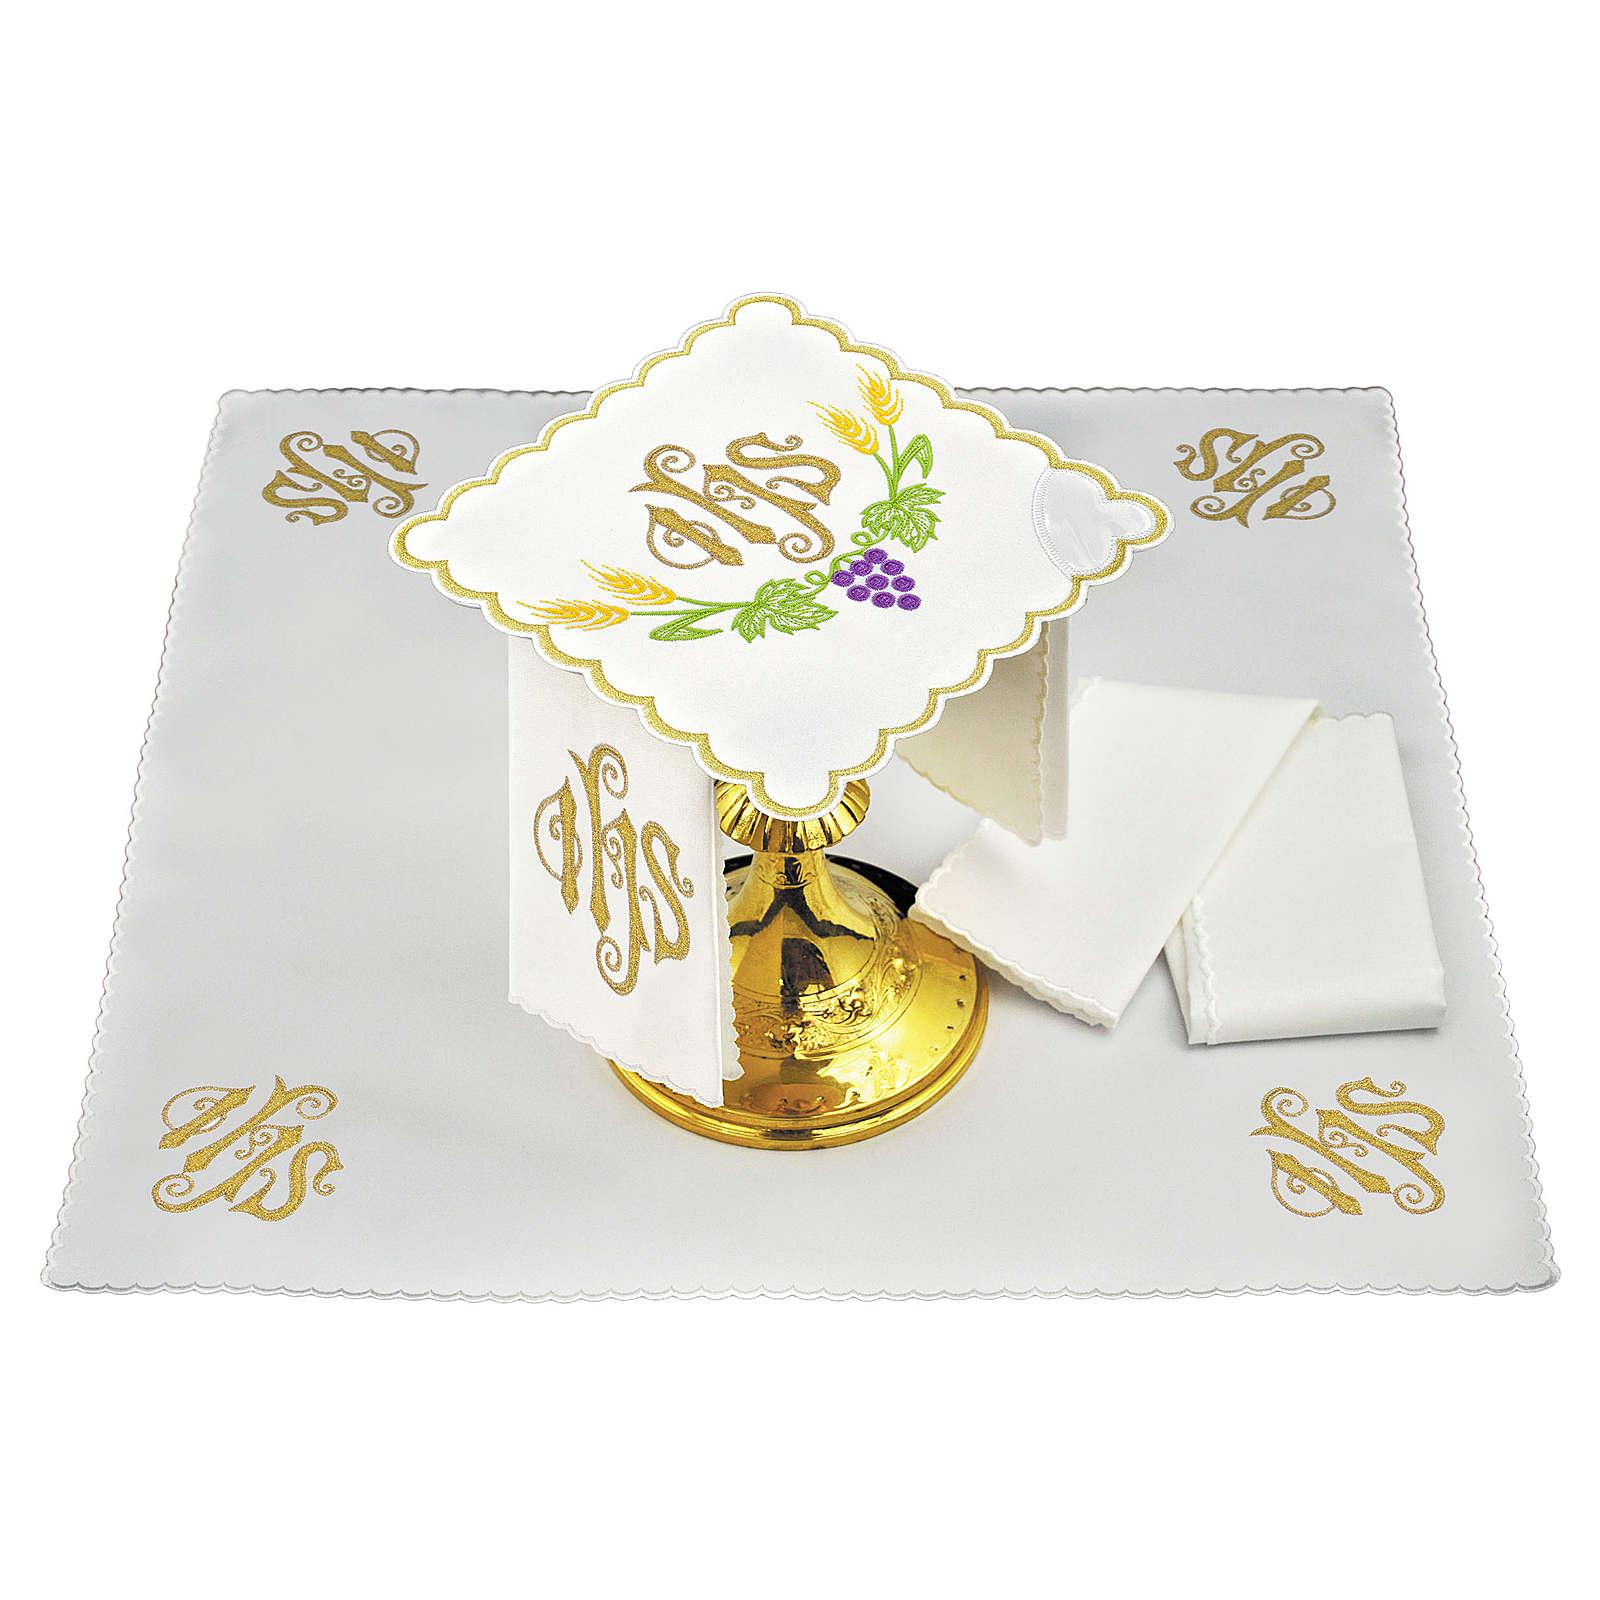 Servizio da altare lino JHS spighe gialle uva viola 4